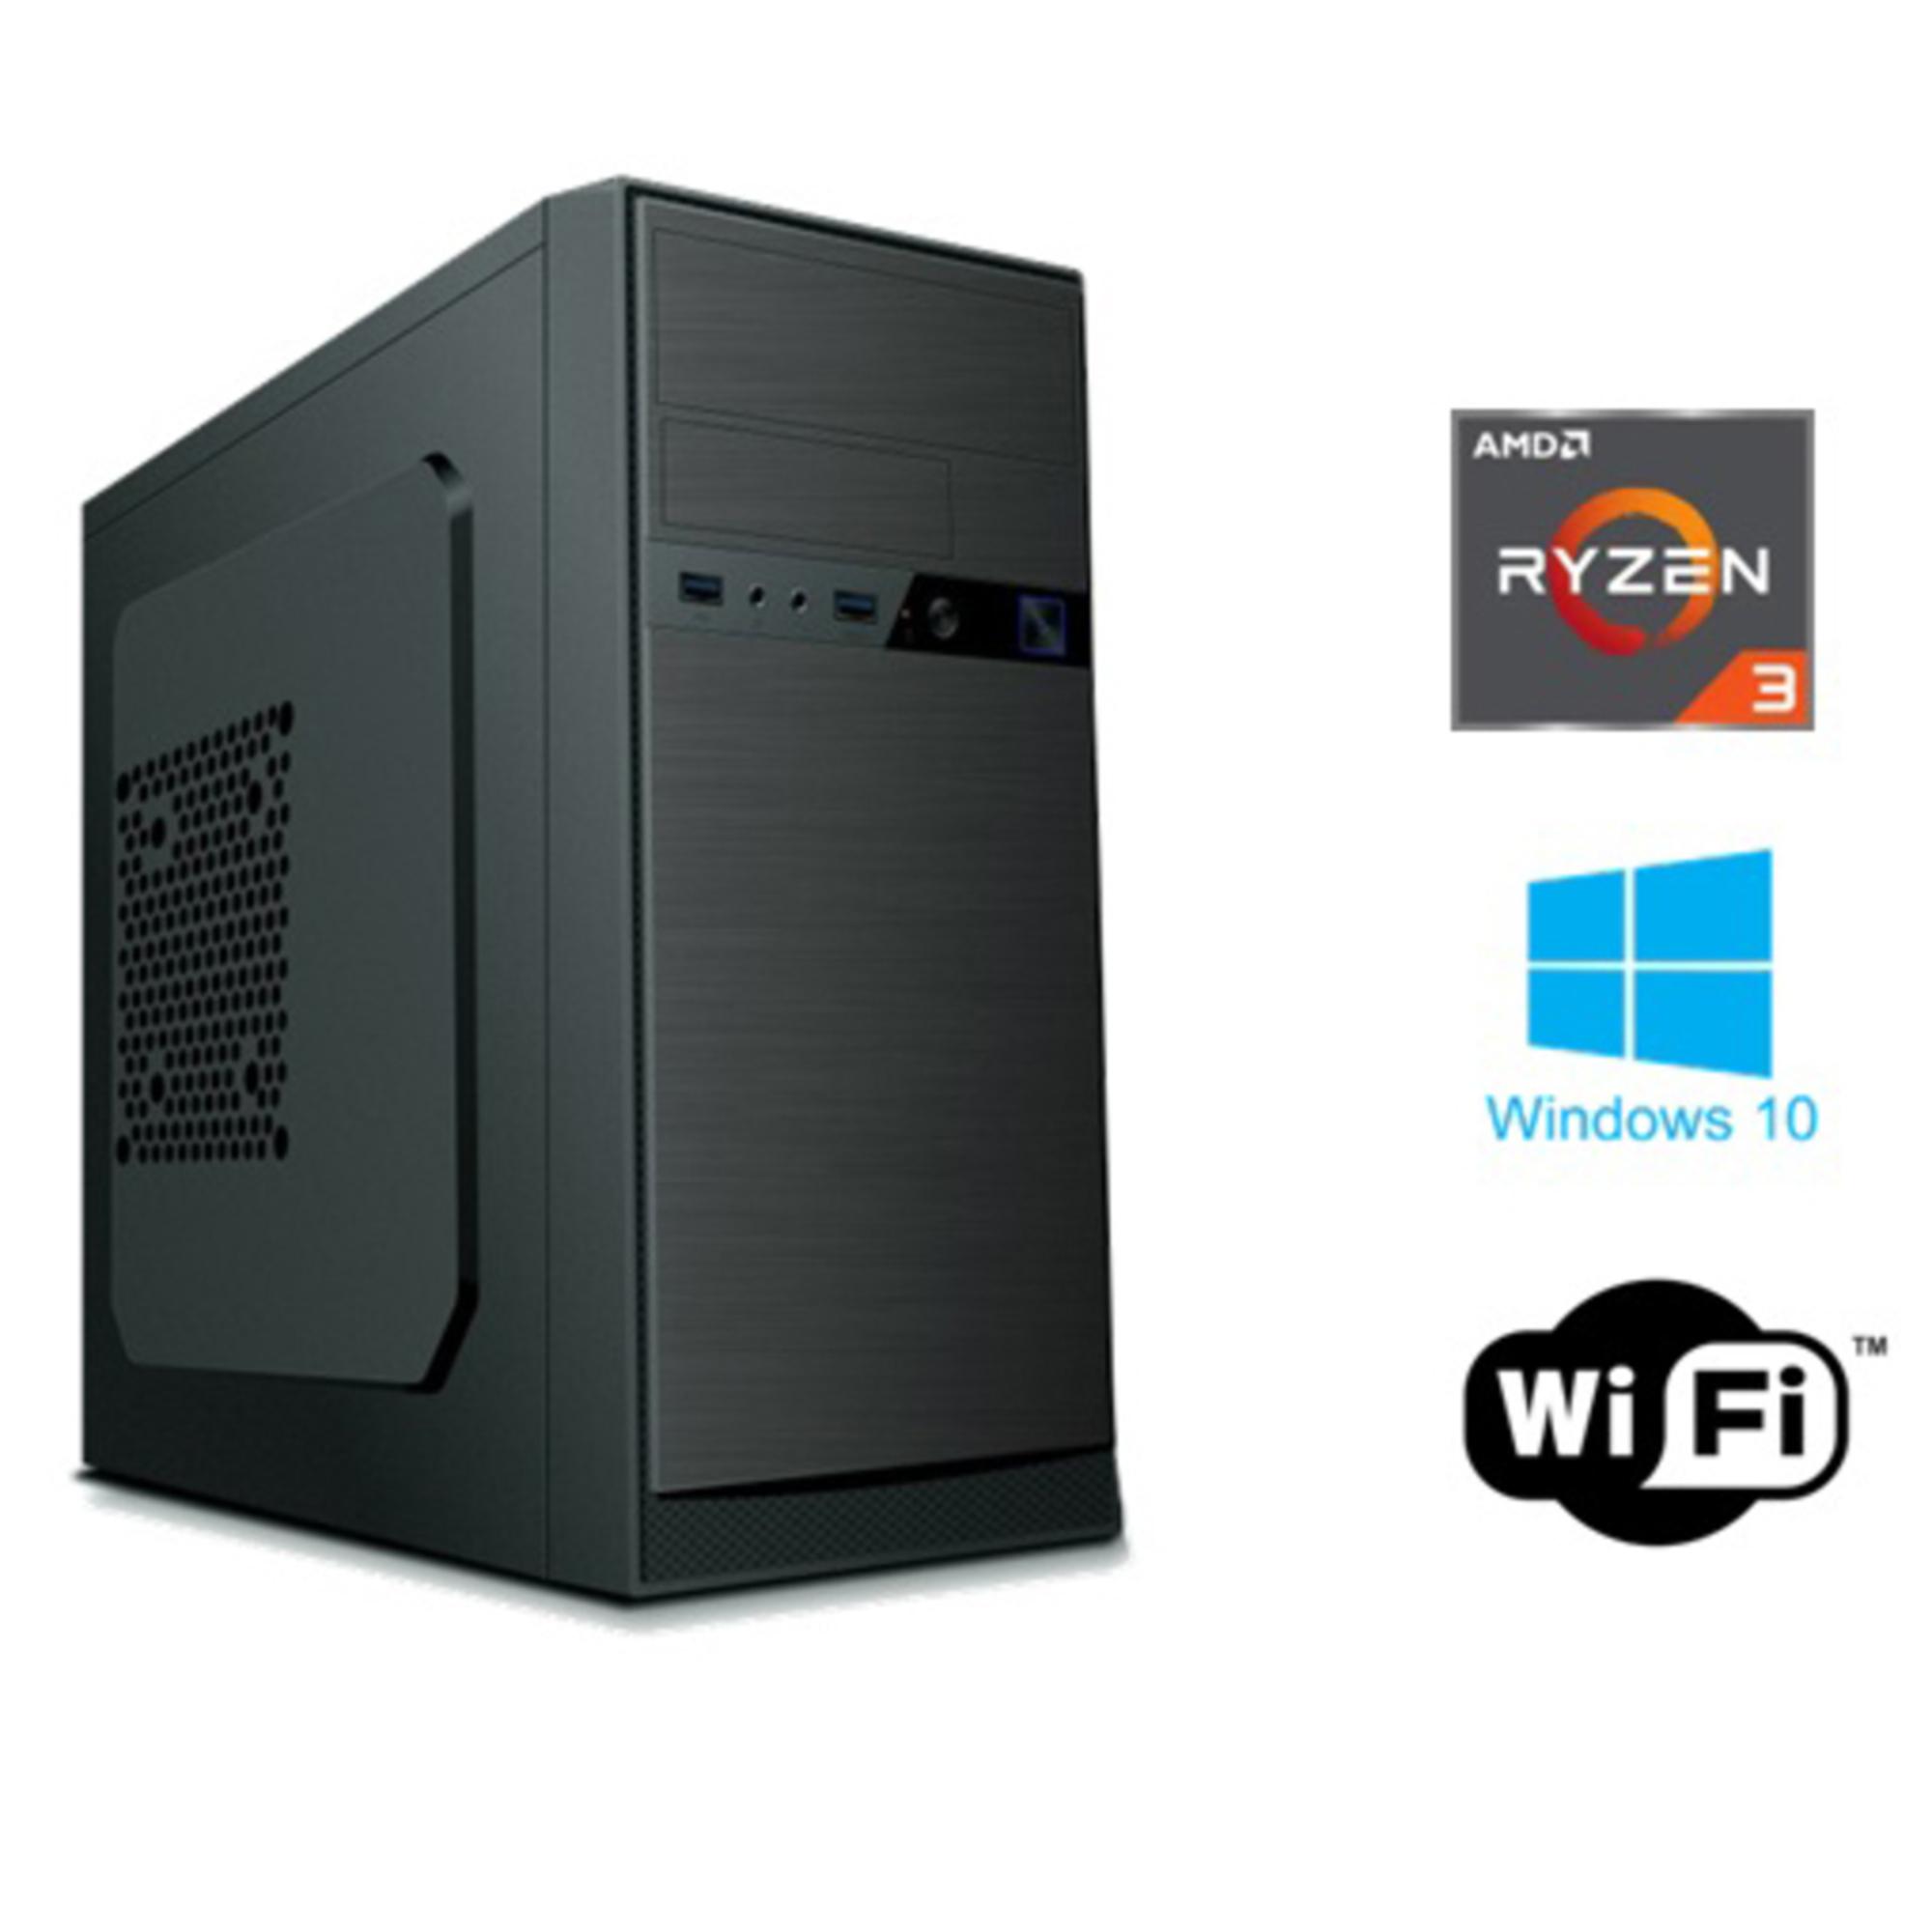 INSYS - INSYS Computador Desktop PowerNet, AMD Ryzen™ 3 3200G, 8 GB RAM, 1 TB HDD SATA, Preto